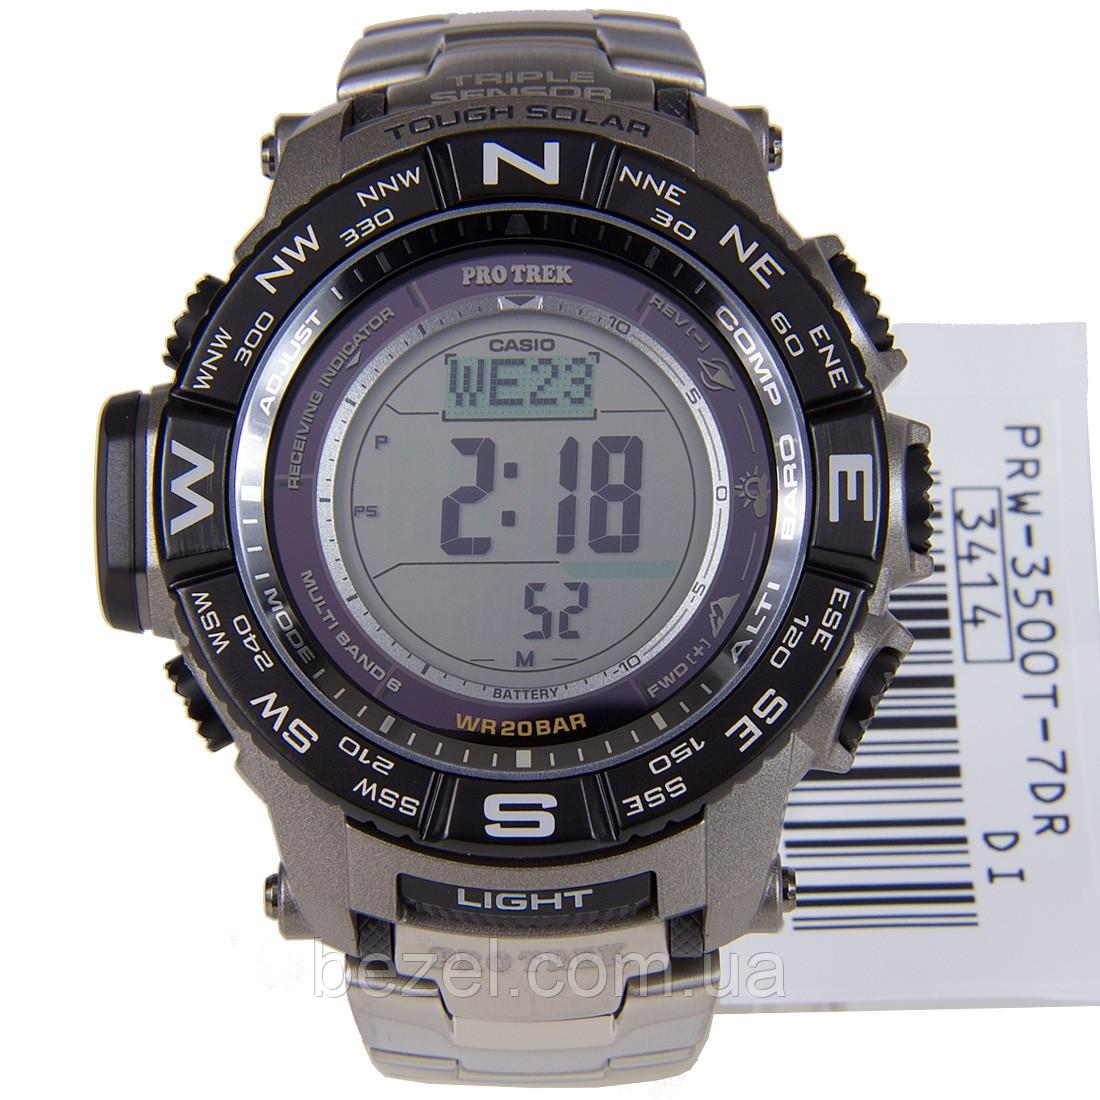 Мужские часы Casio PROTREK PRW-3500T-7E Касио противоударные японские кварцевые